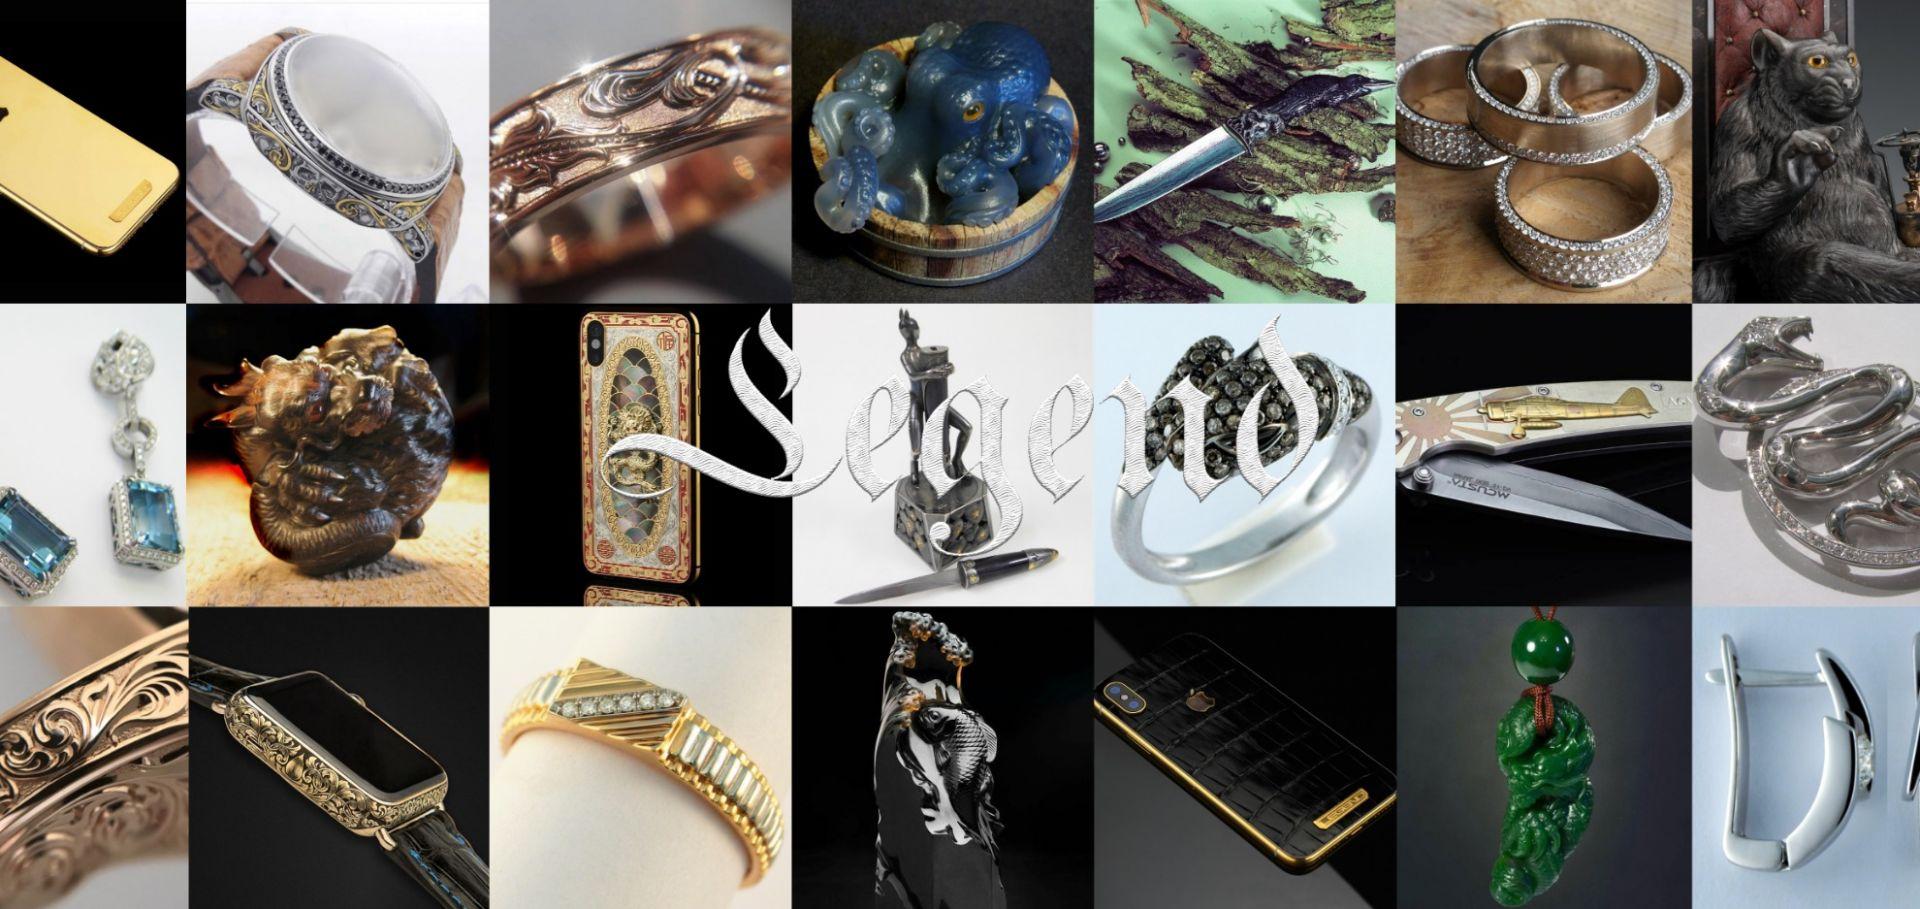 Legend Gemstone Sculpture - Koi Carp - Gem Carving Carved in Faberge Spirit